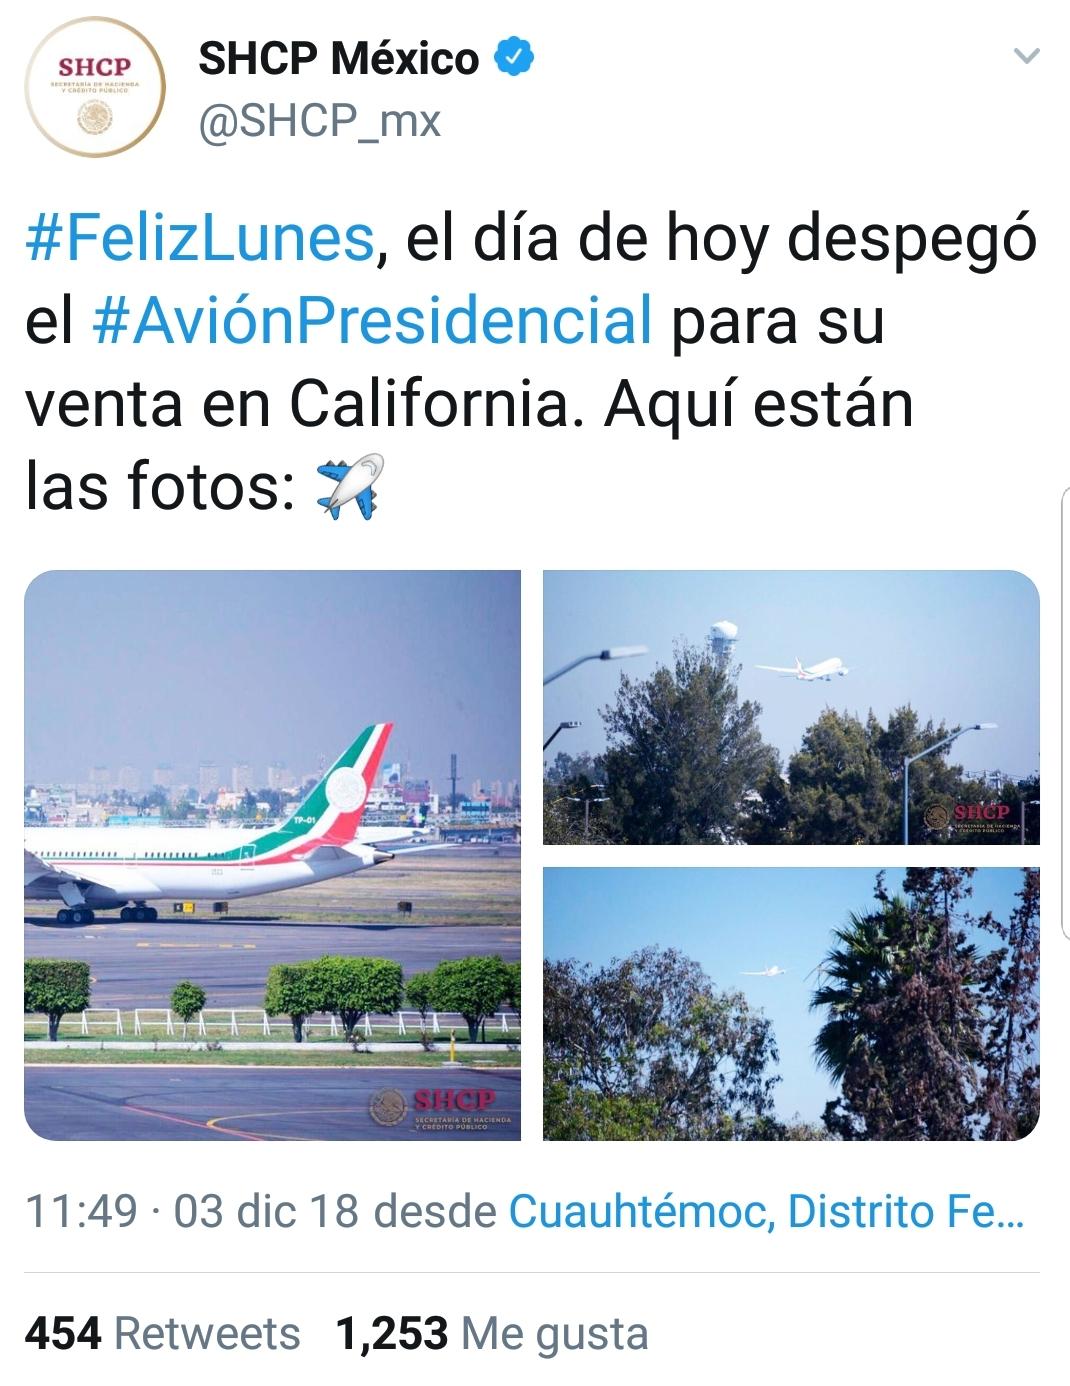 La Secretaría de Hacienda y Crédito Público mencionó que ya se fue de México (Foto: Twitter)